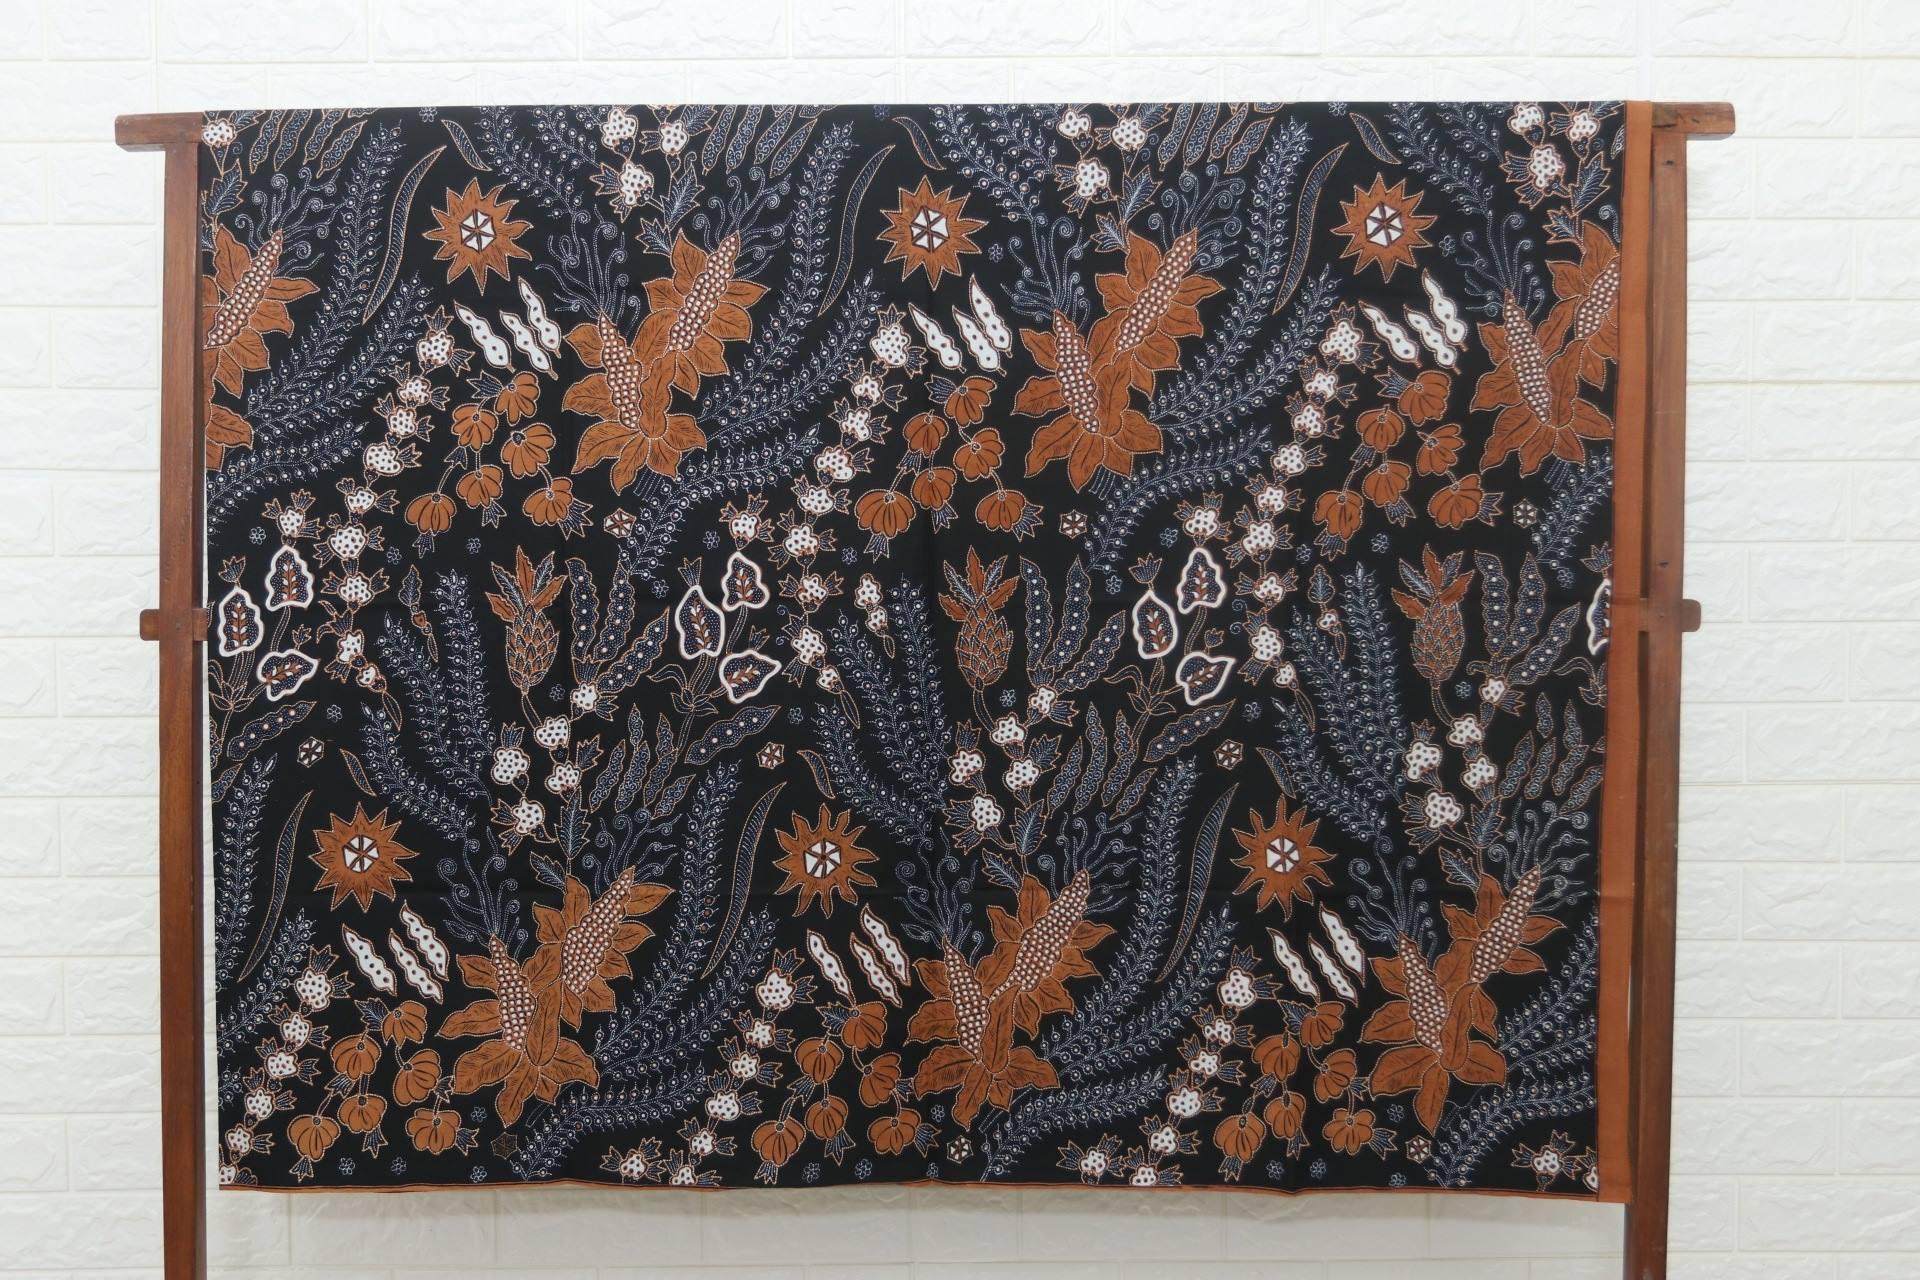 Batik fabric in bali